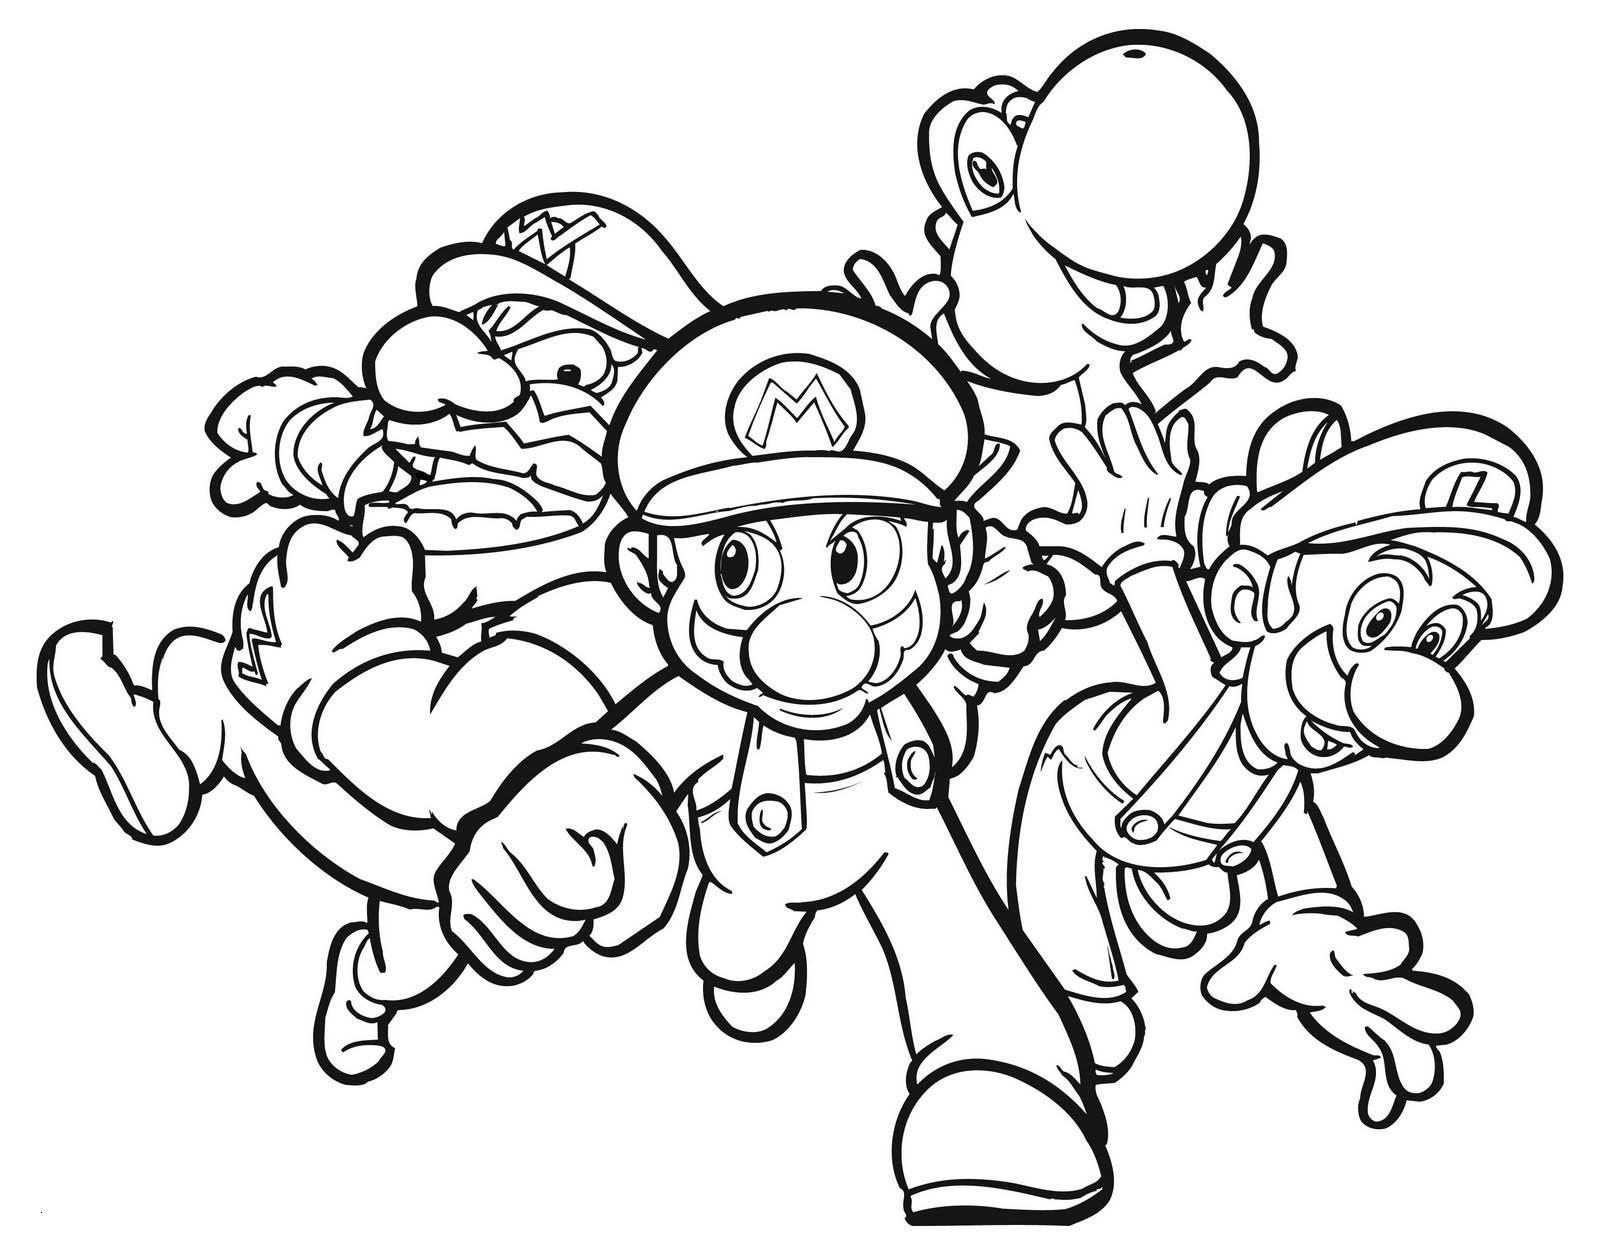 Ausmalbild Super Mario Einzigartig Ausmalbilder Mario Einzigartig Coloring Pages Mario Great Best Fotografieren